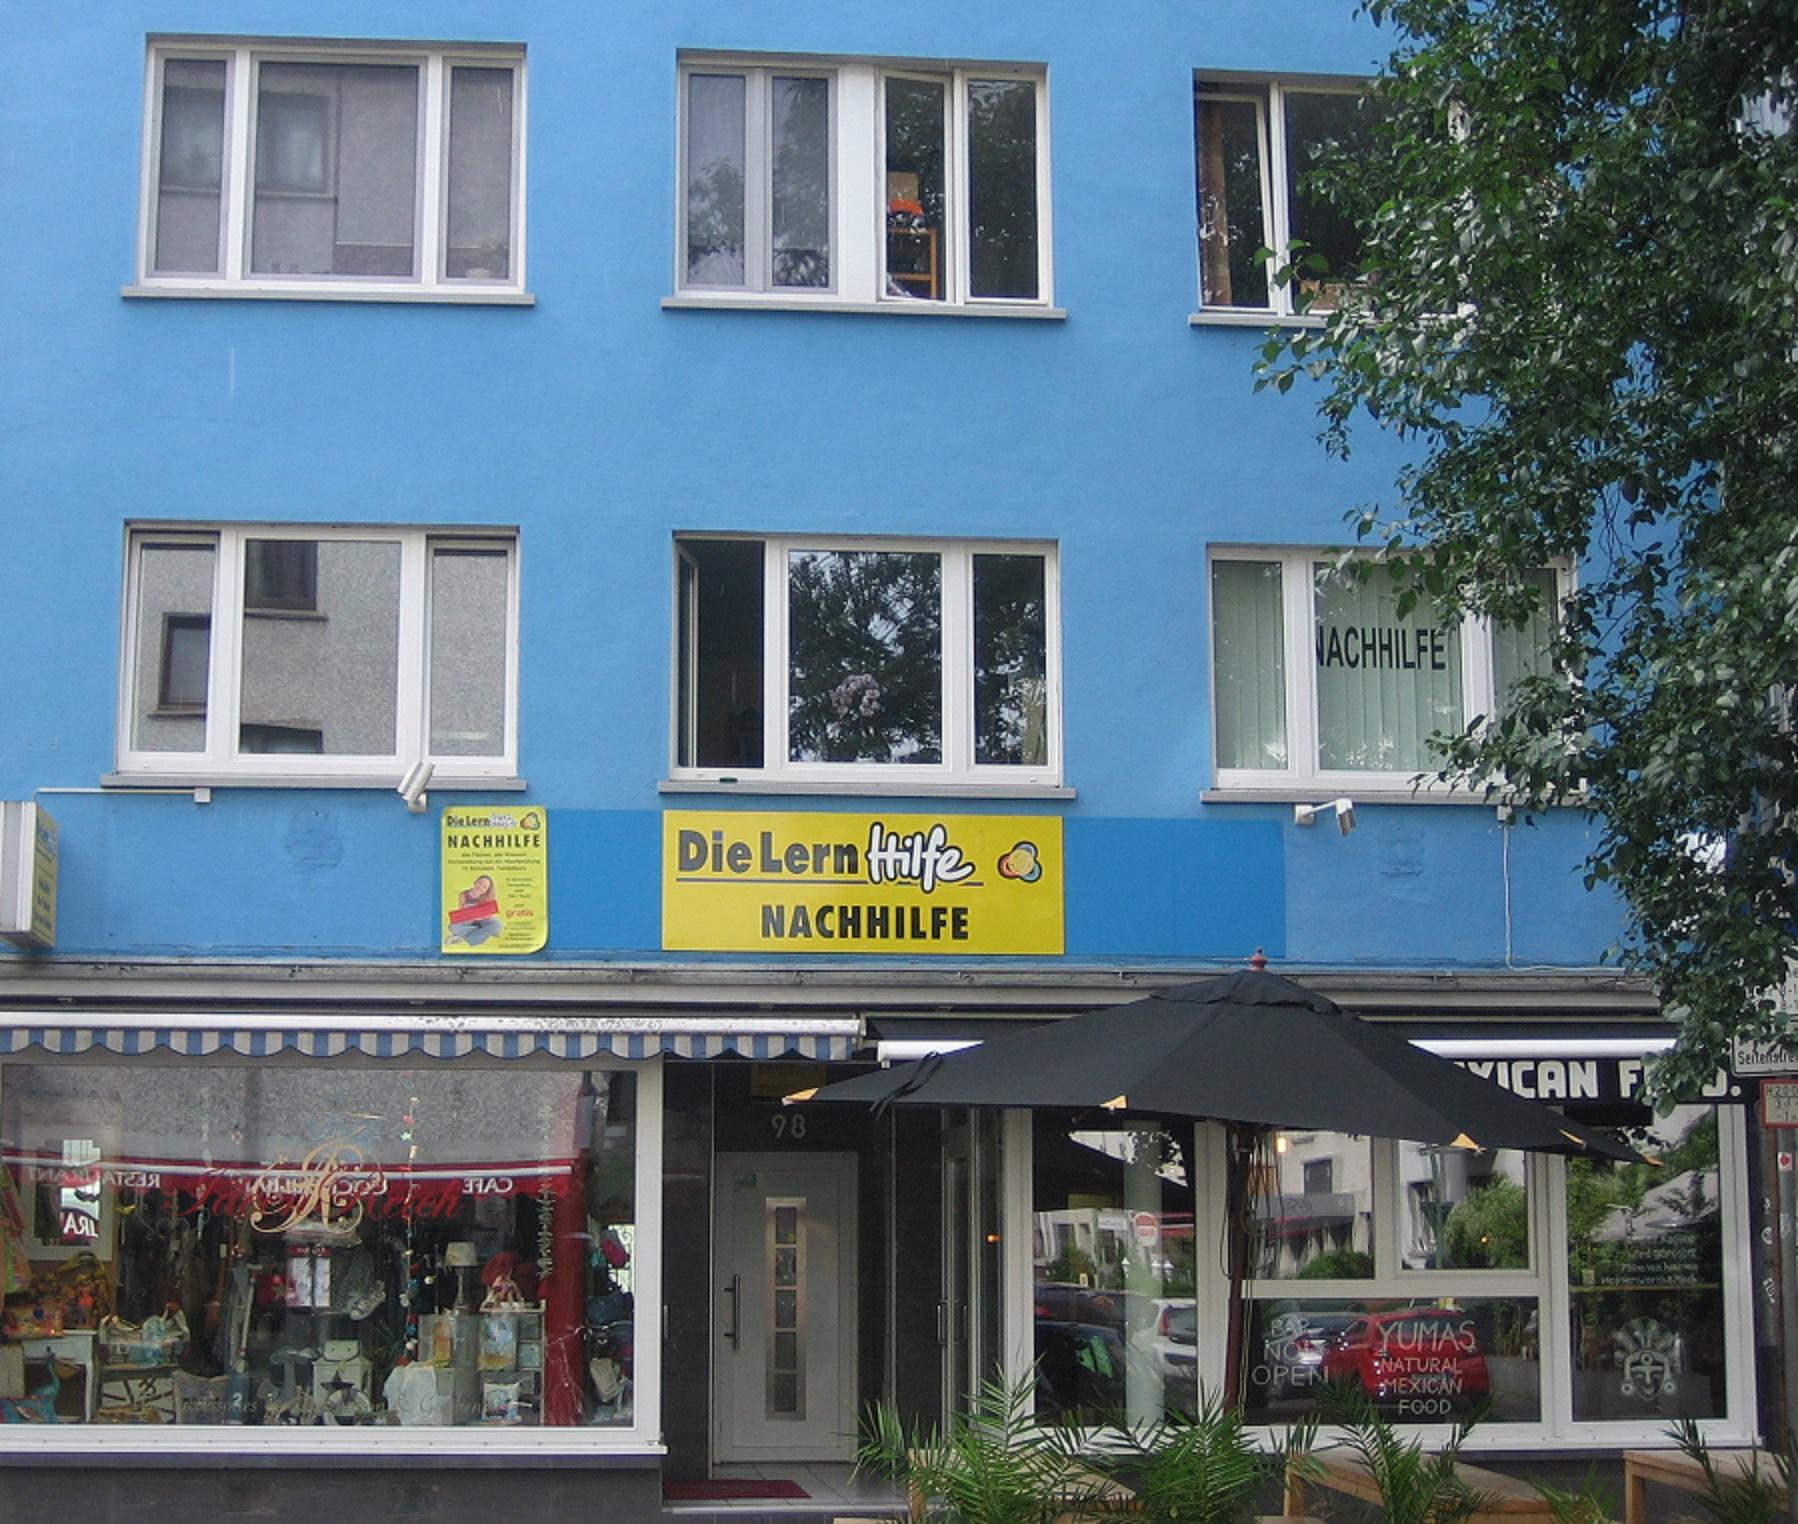 nachhilfe frankfurt bornheim 2 wochen gratis testen die lernhilfe. Black Bedroom Furniture Sets. Home Design Ideas